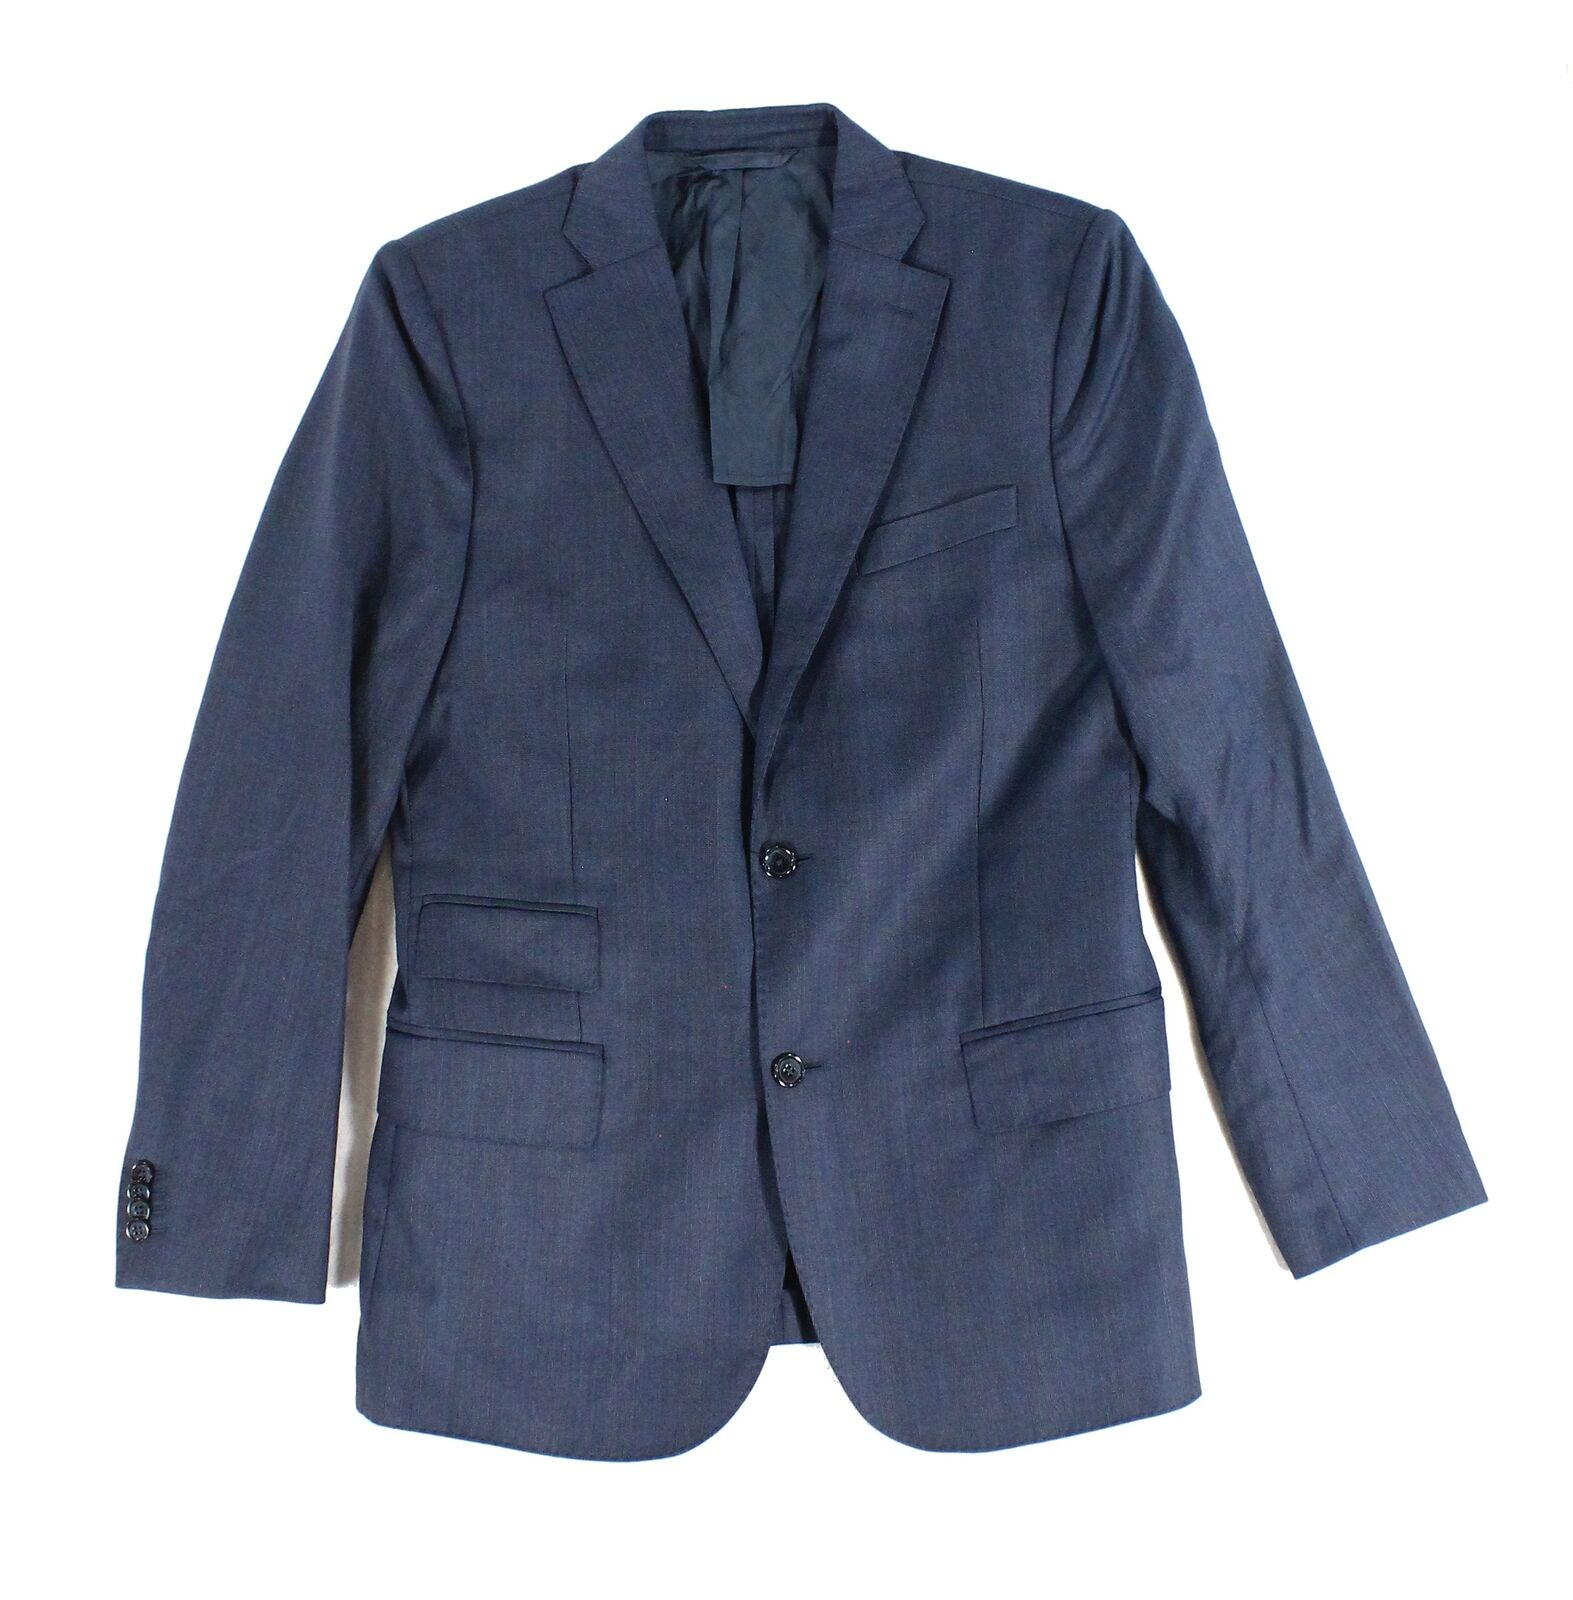 J.Lindeberg NEW Blau  Herren Größe 50 Regular Two Button Wool Blazer 795 963